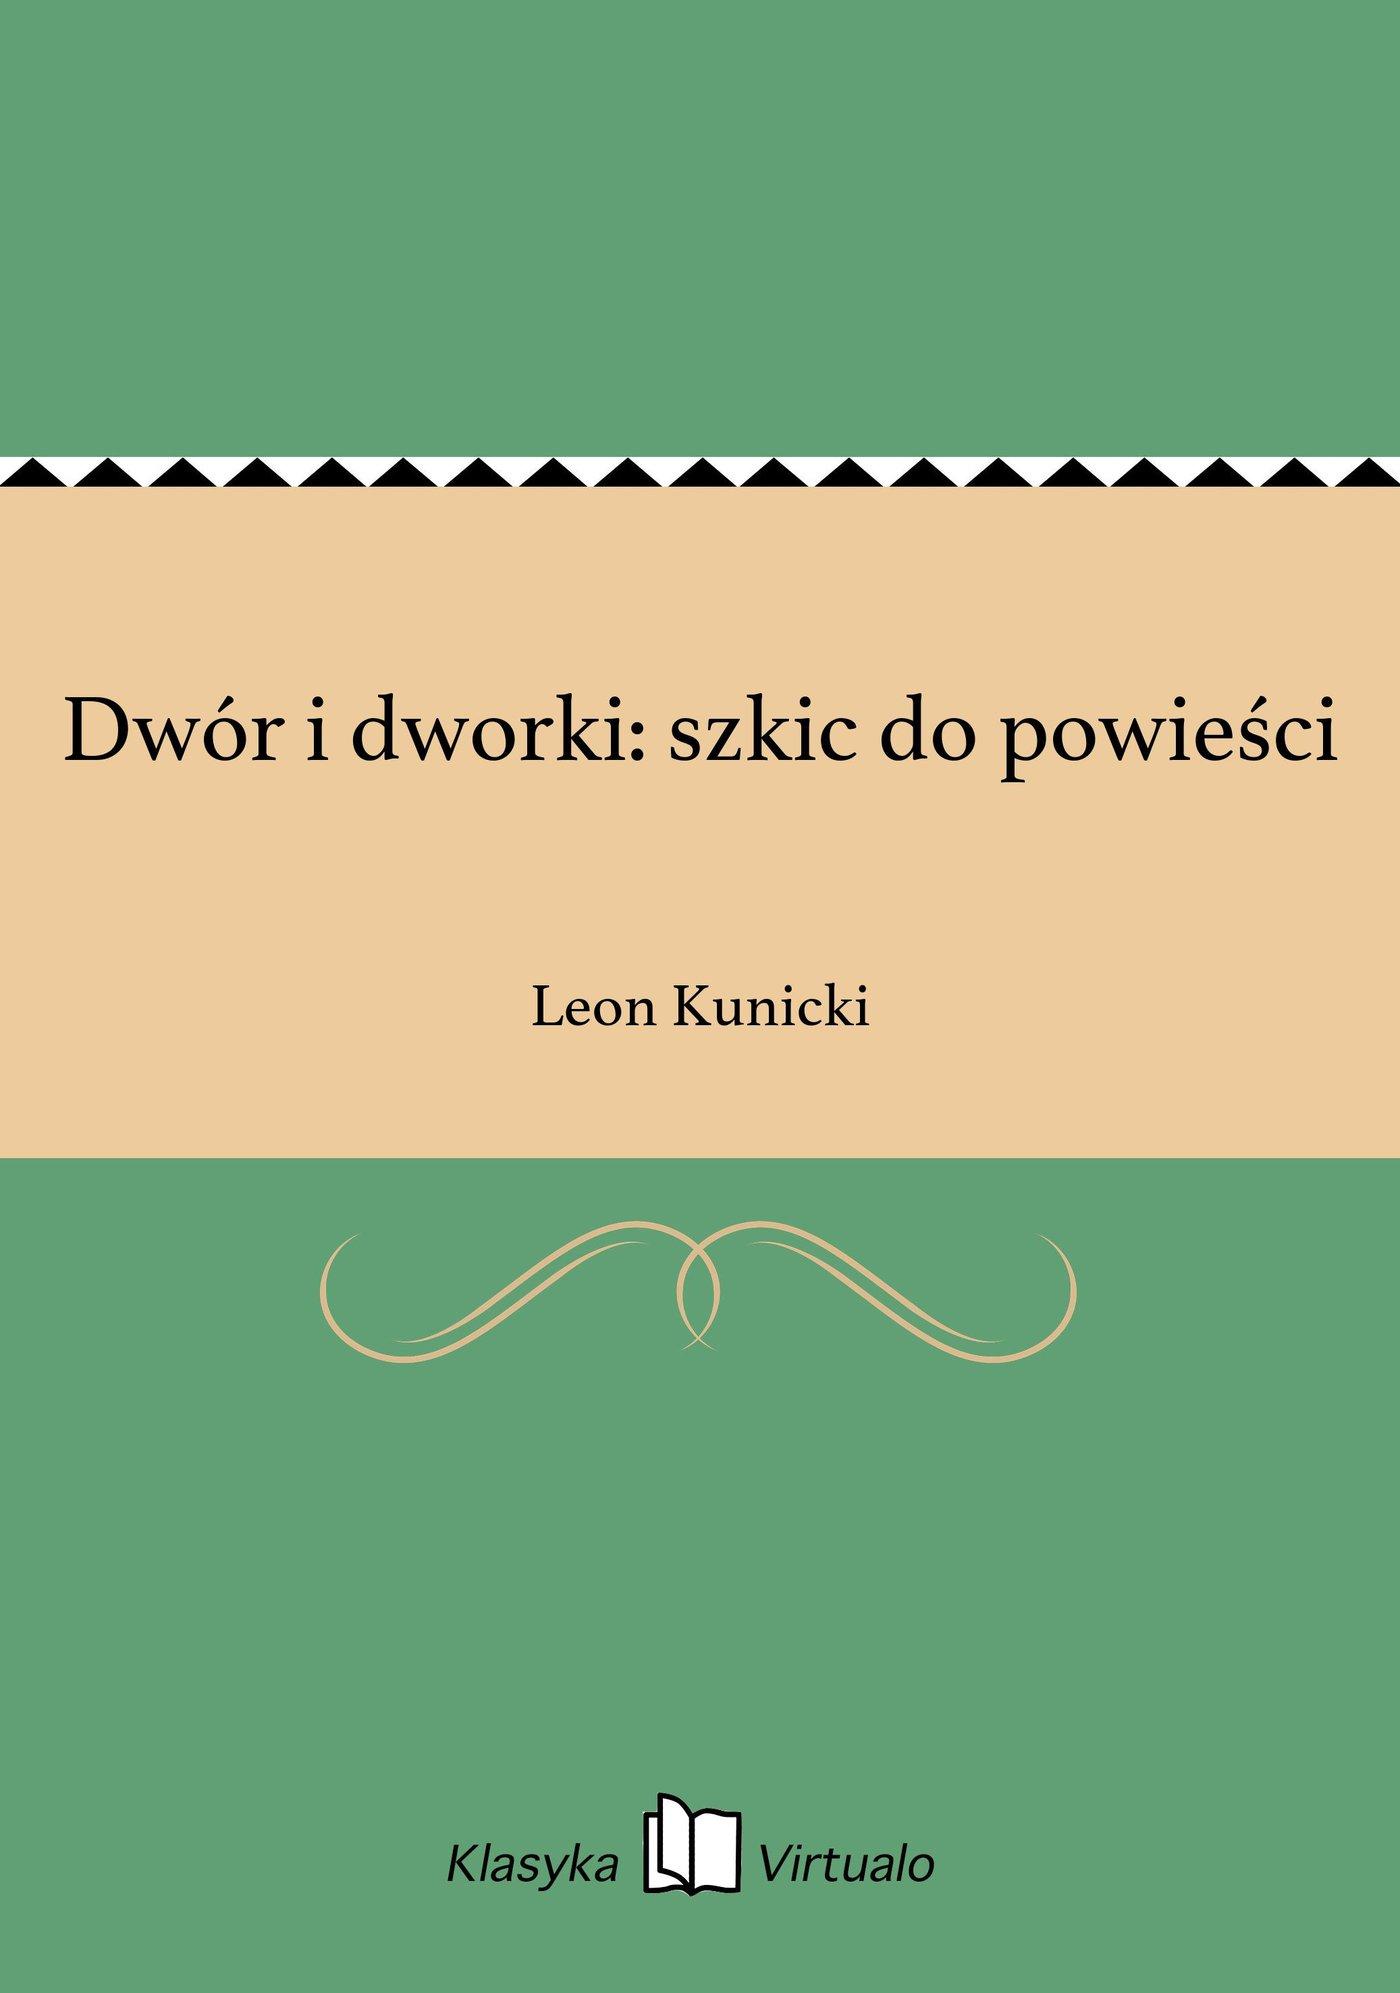 Dwór i dworki: szkic do powieści - Ebook (Książka EPUB) do pobrania w formacie EPUB